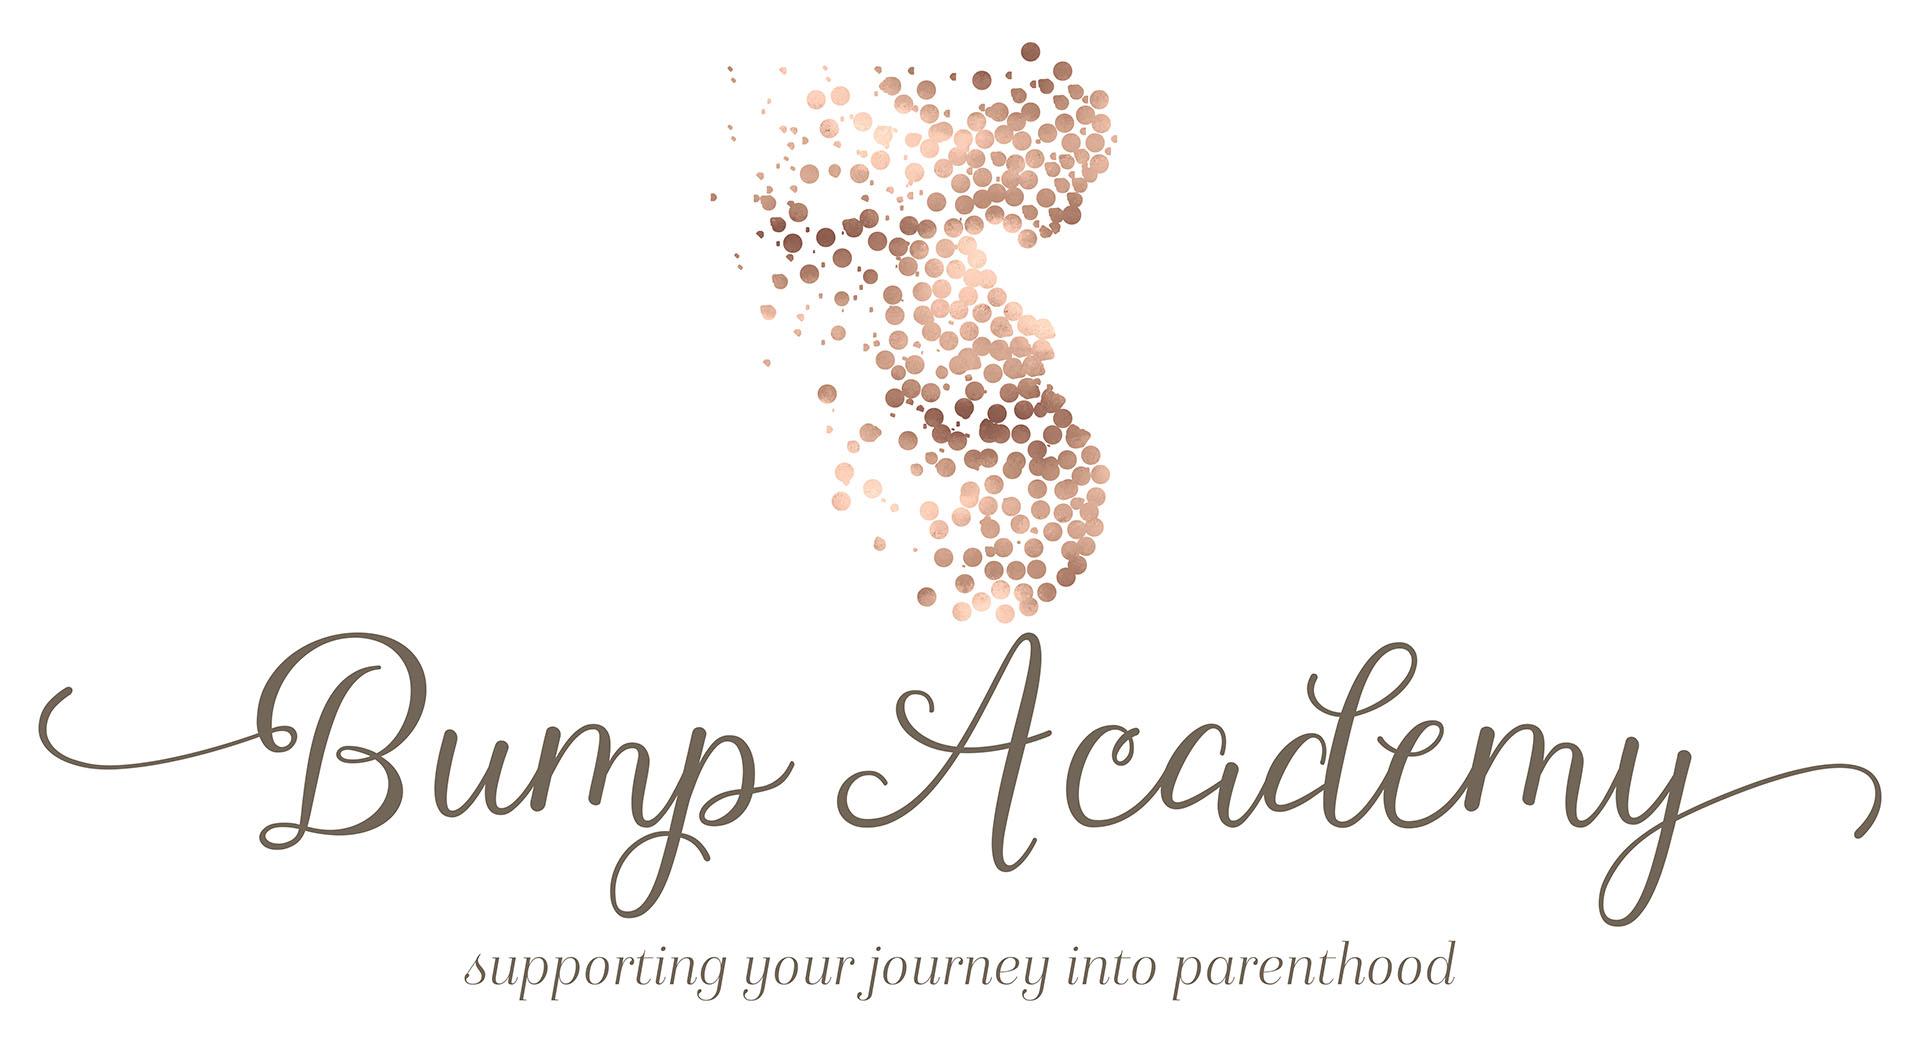 Bump Academy's logo